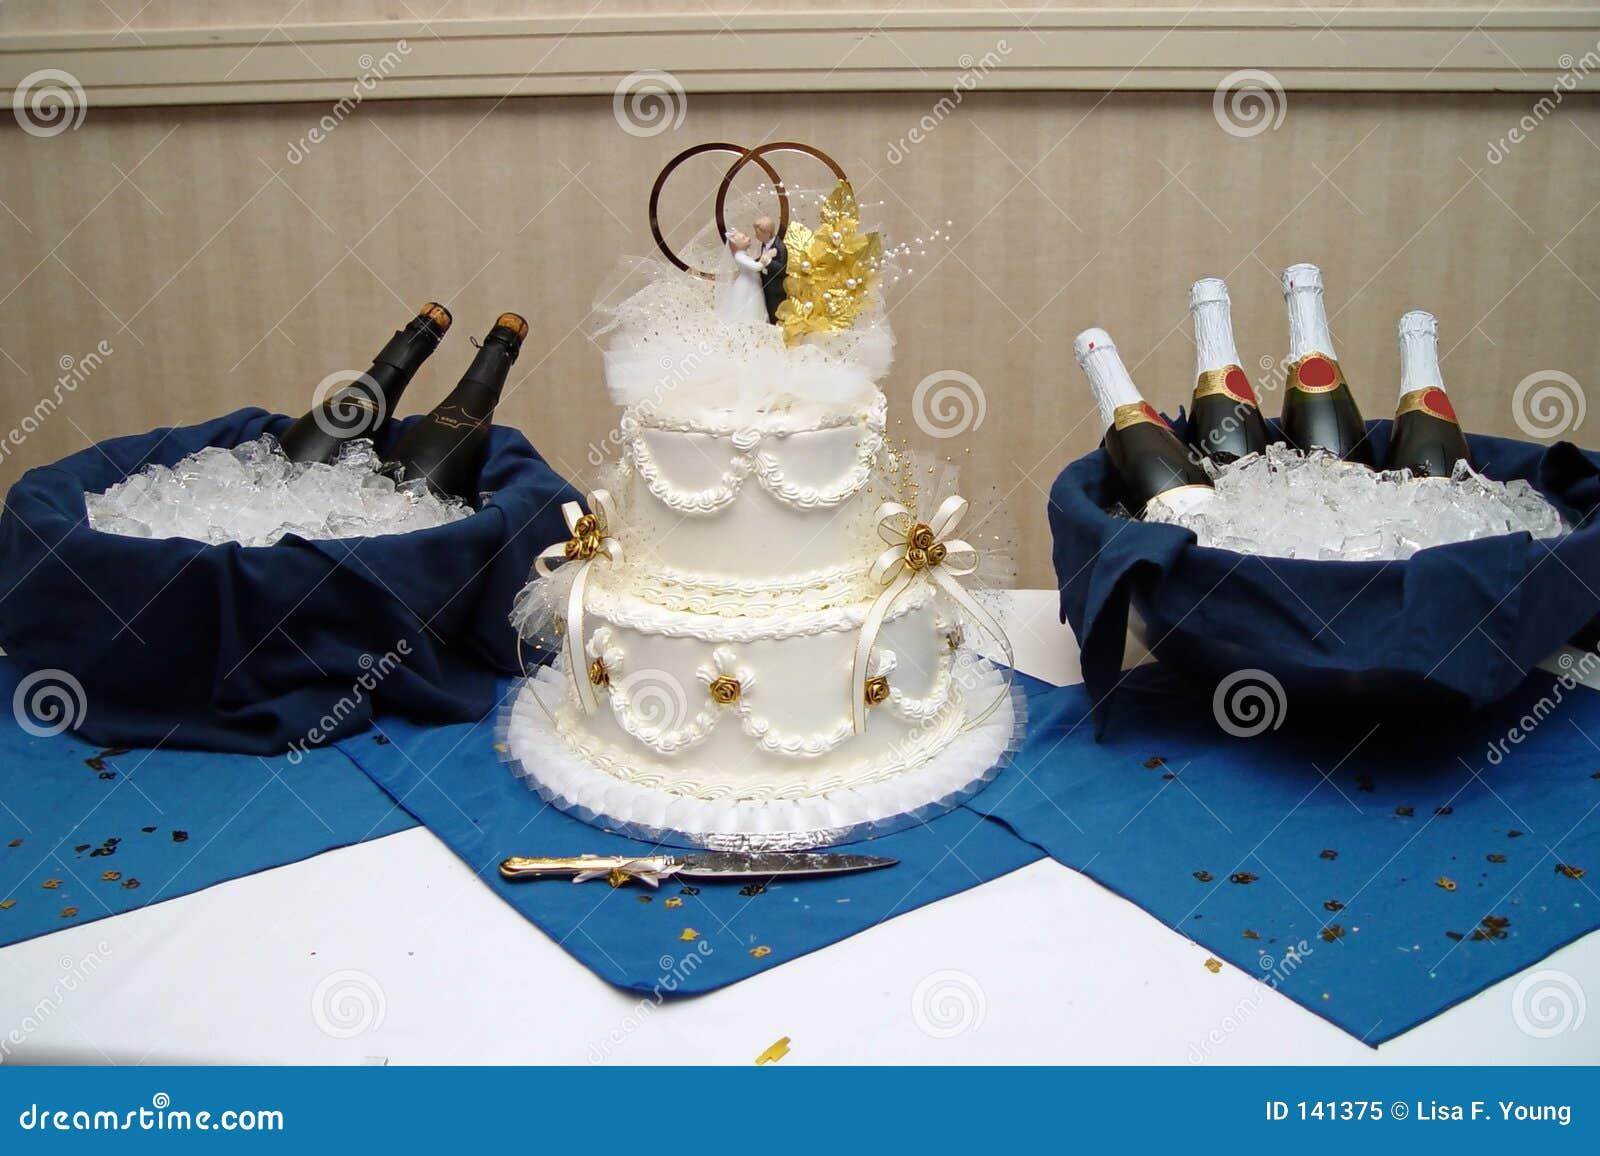 g teau de mariage avec champagne photo libre de droits image 141375. Black Bedroom Furniture Sets. Home Design Ideas